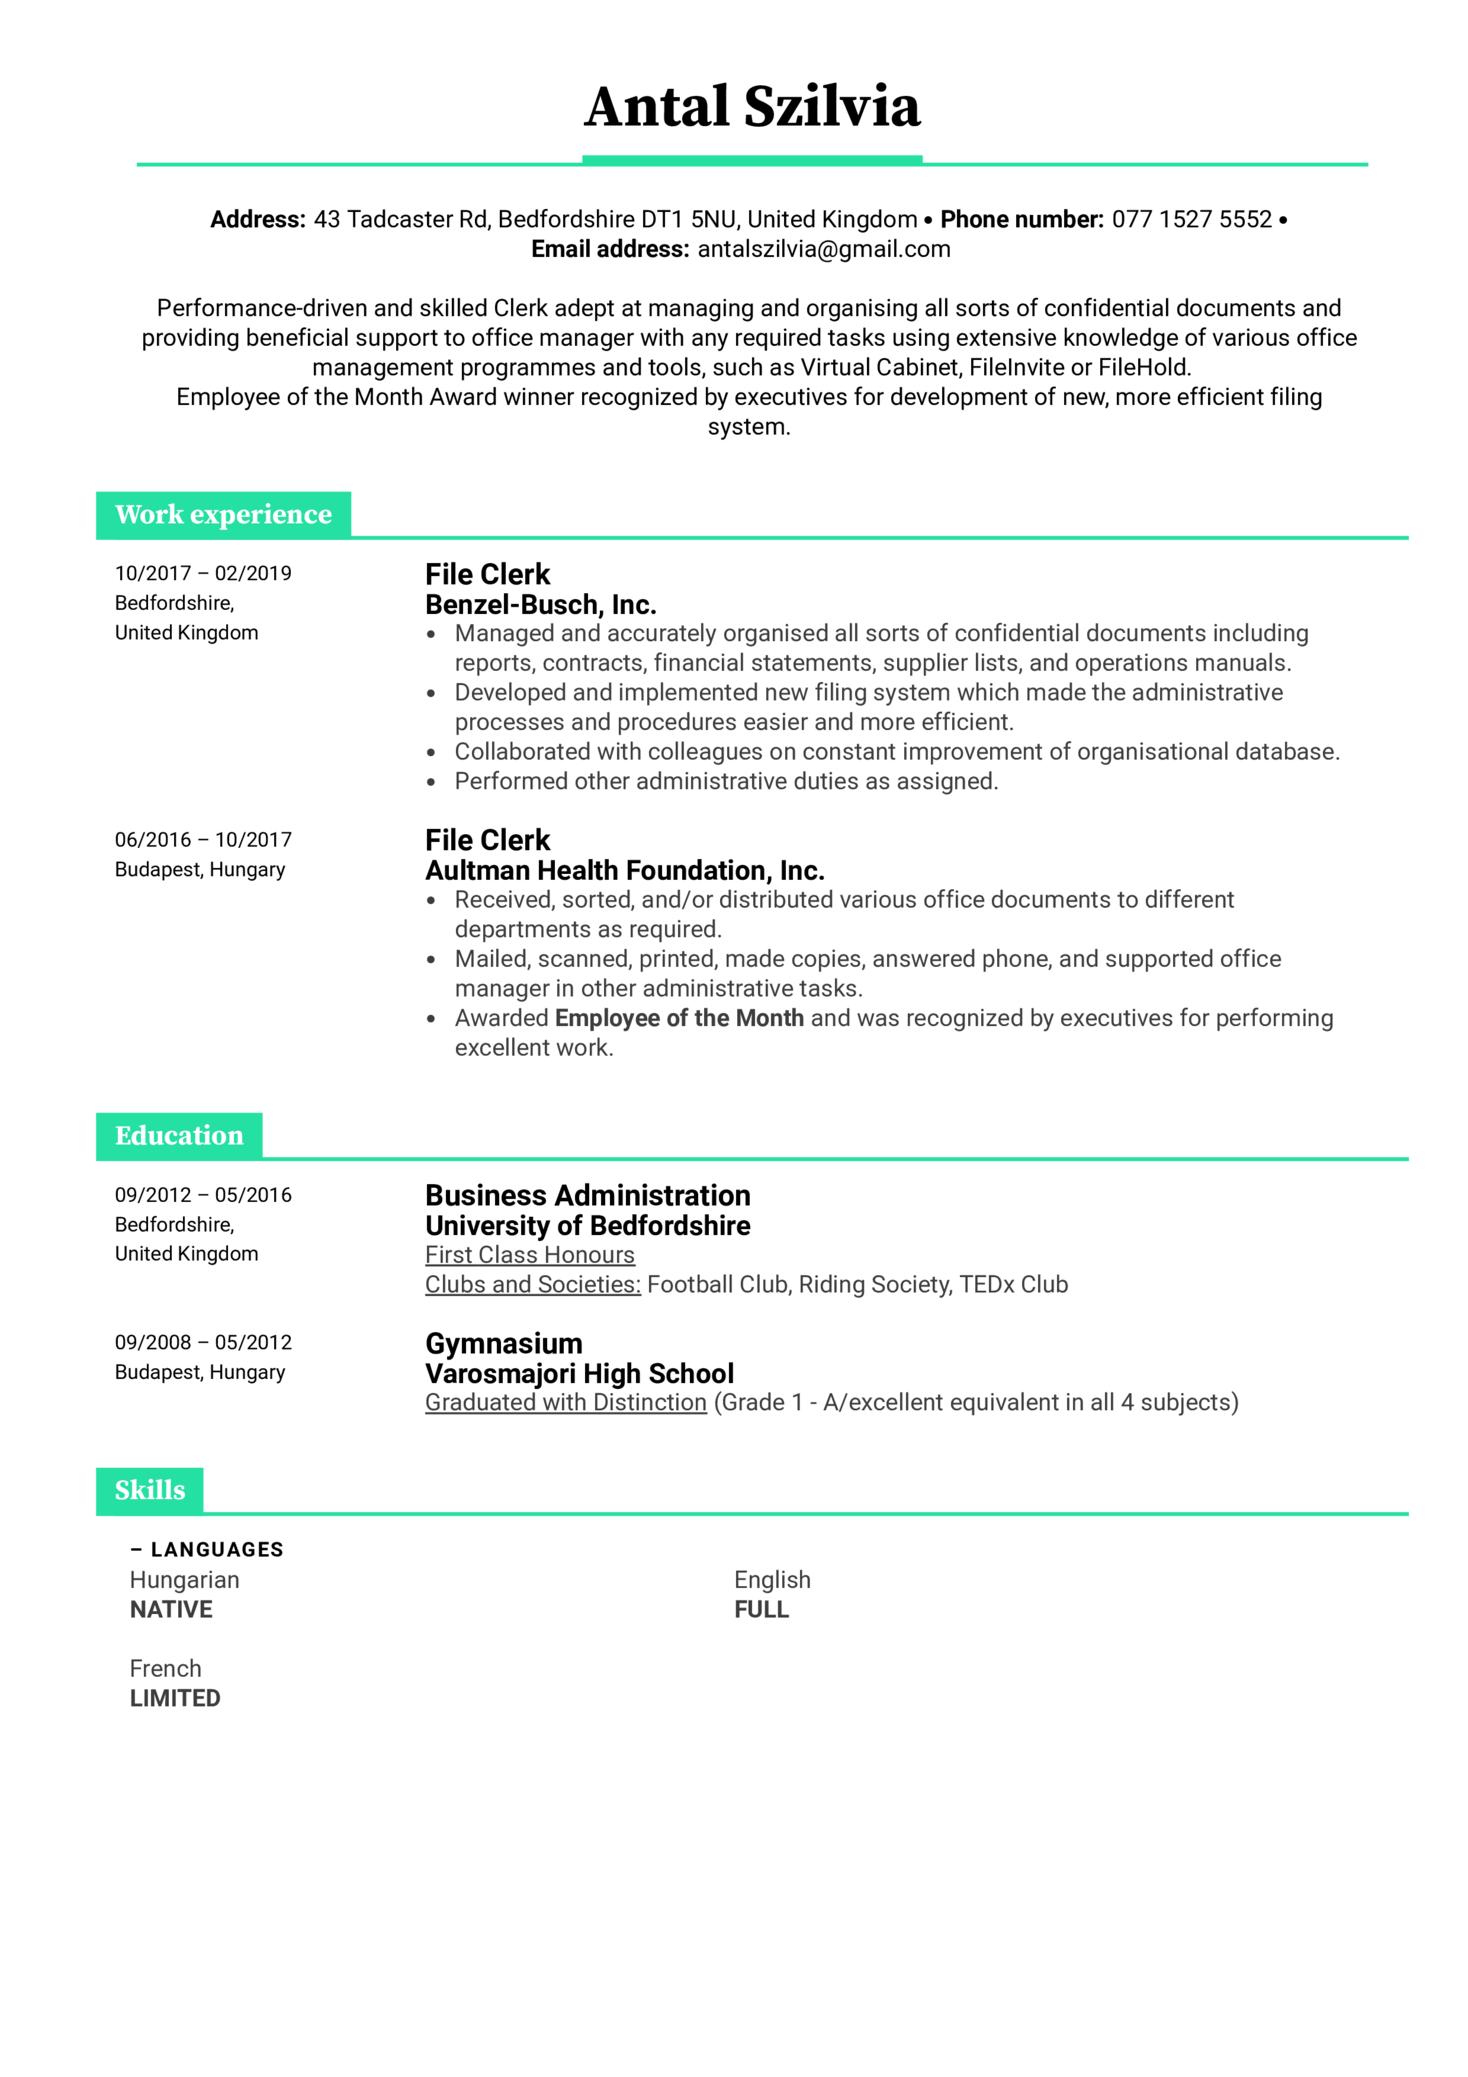 File Clerk Resume Example (parte 1)